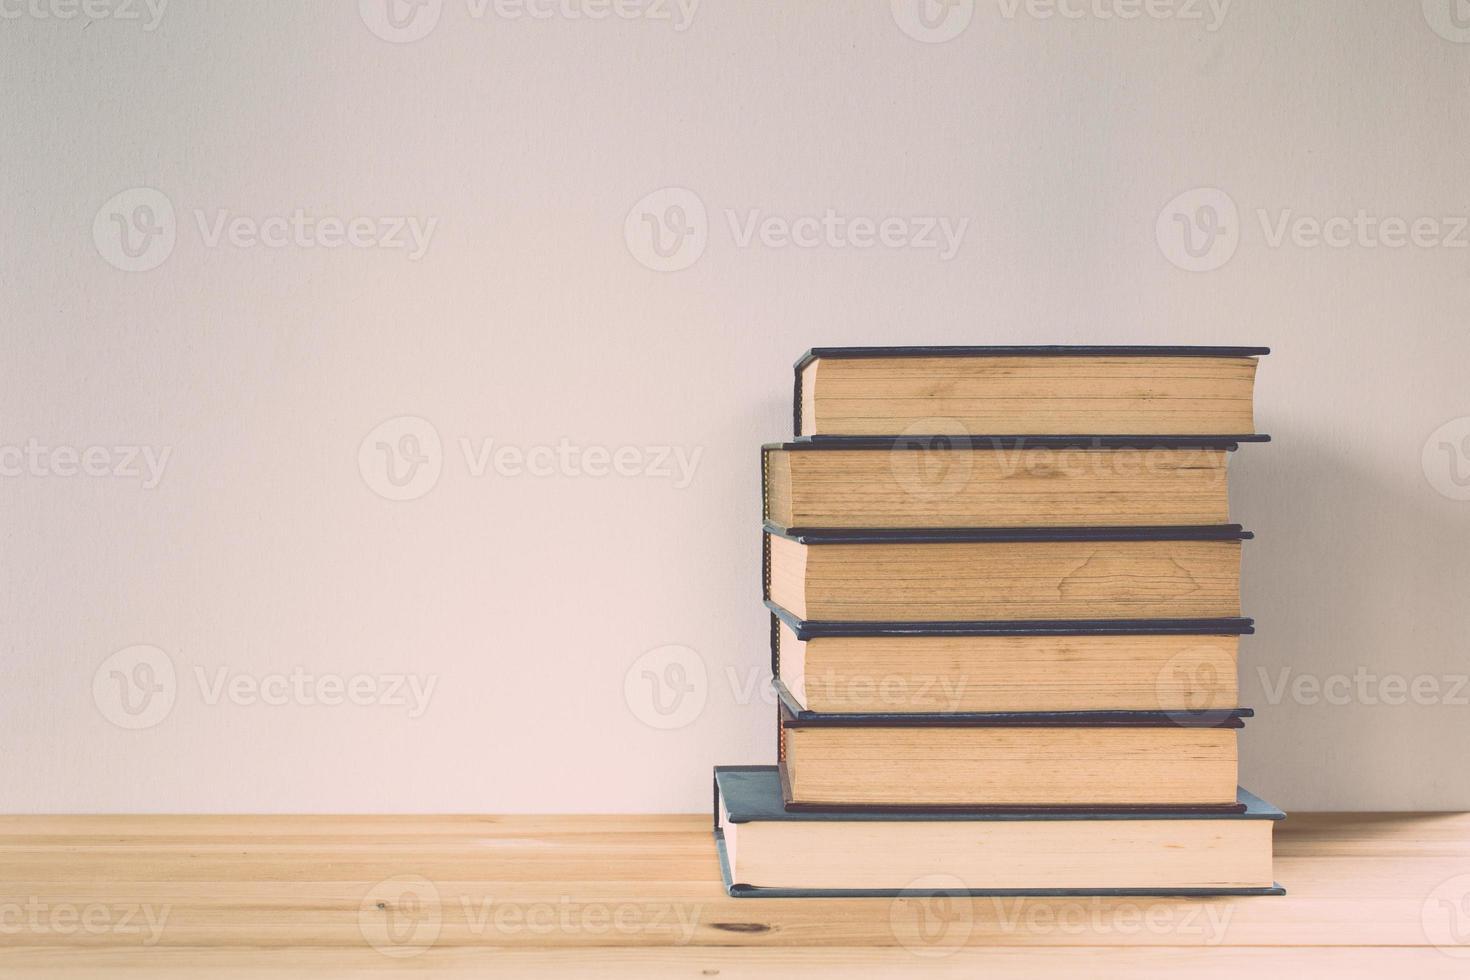 Vintage tone of books on wood table photo